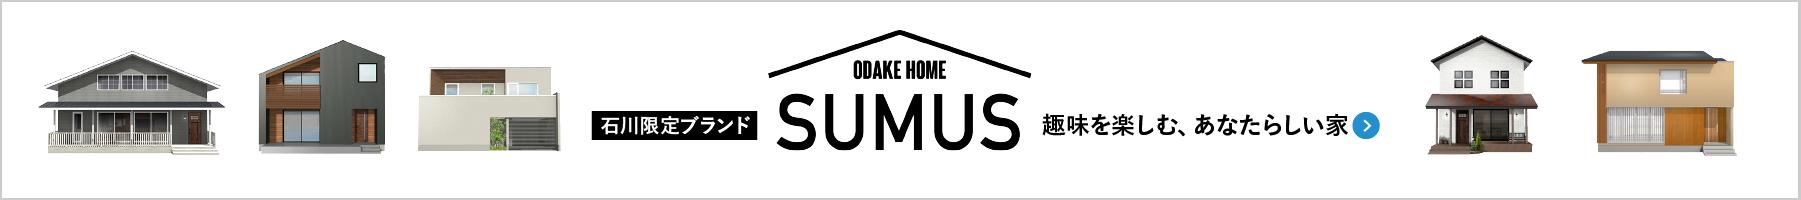 石川限定ブランド SUMUS 趣味を楽しむ、あなたらしい家